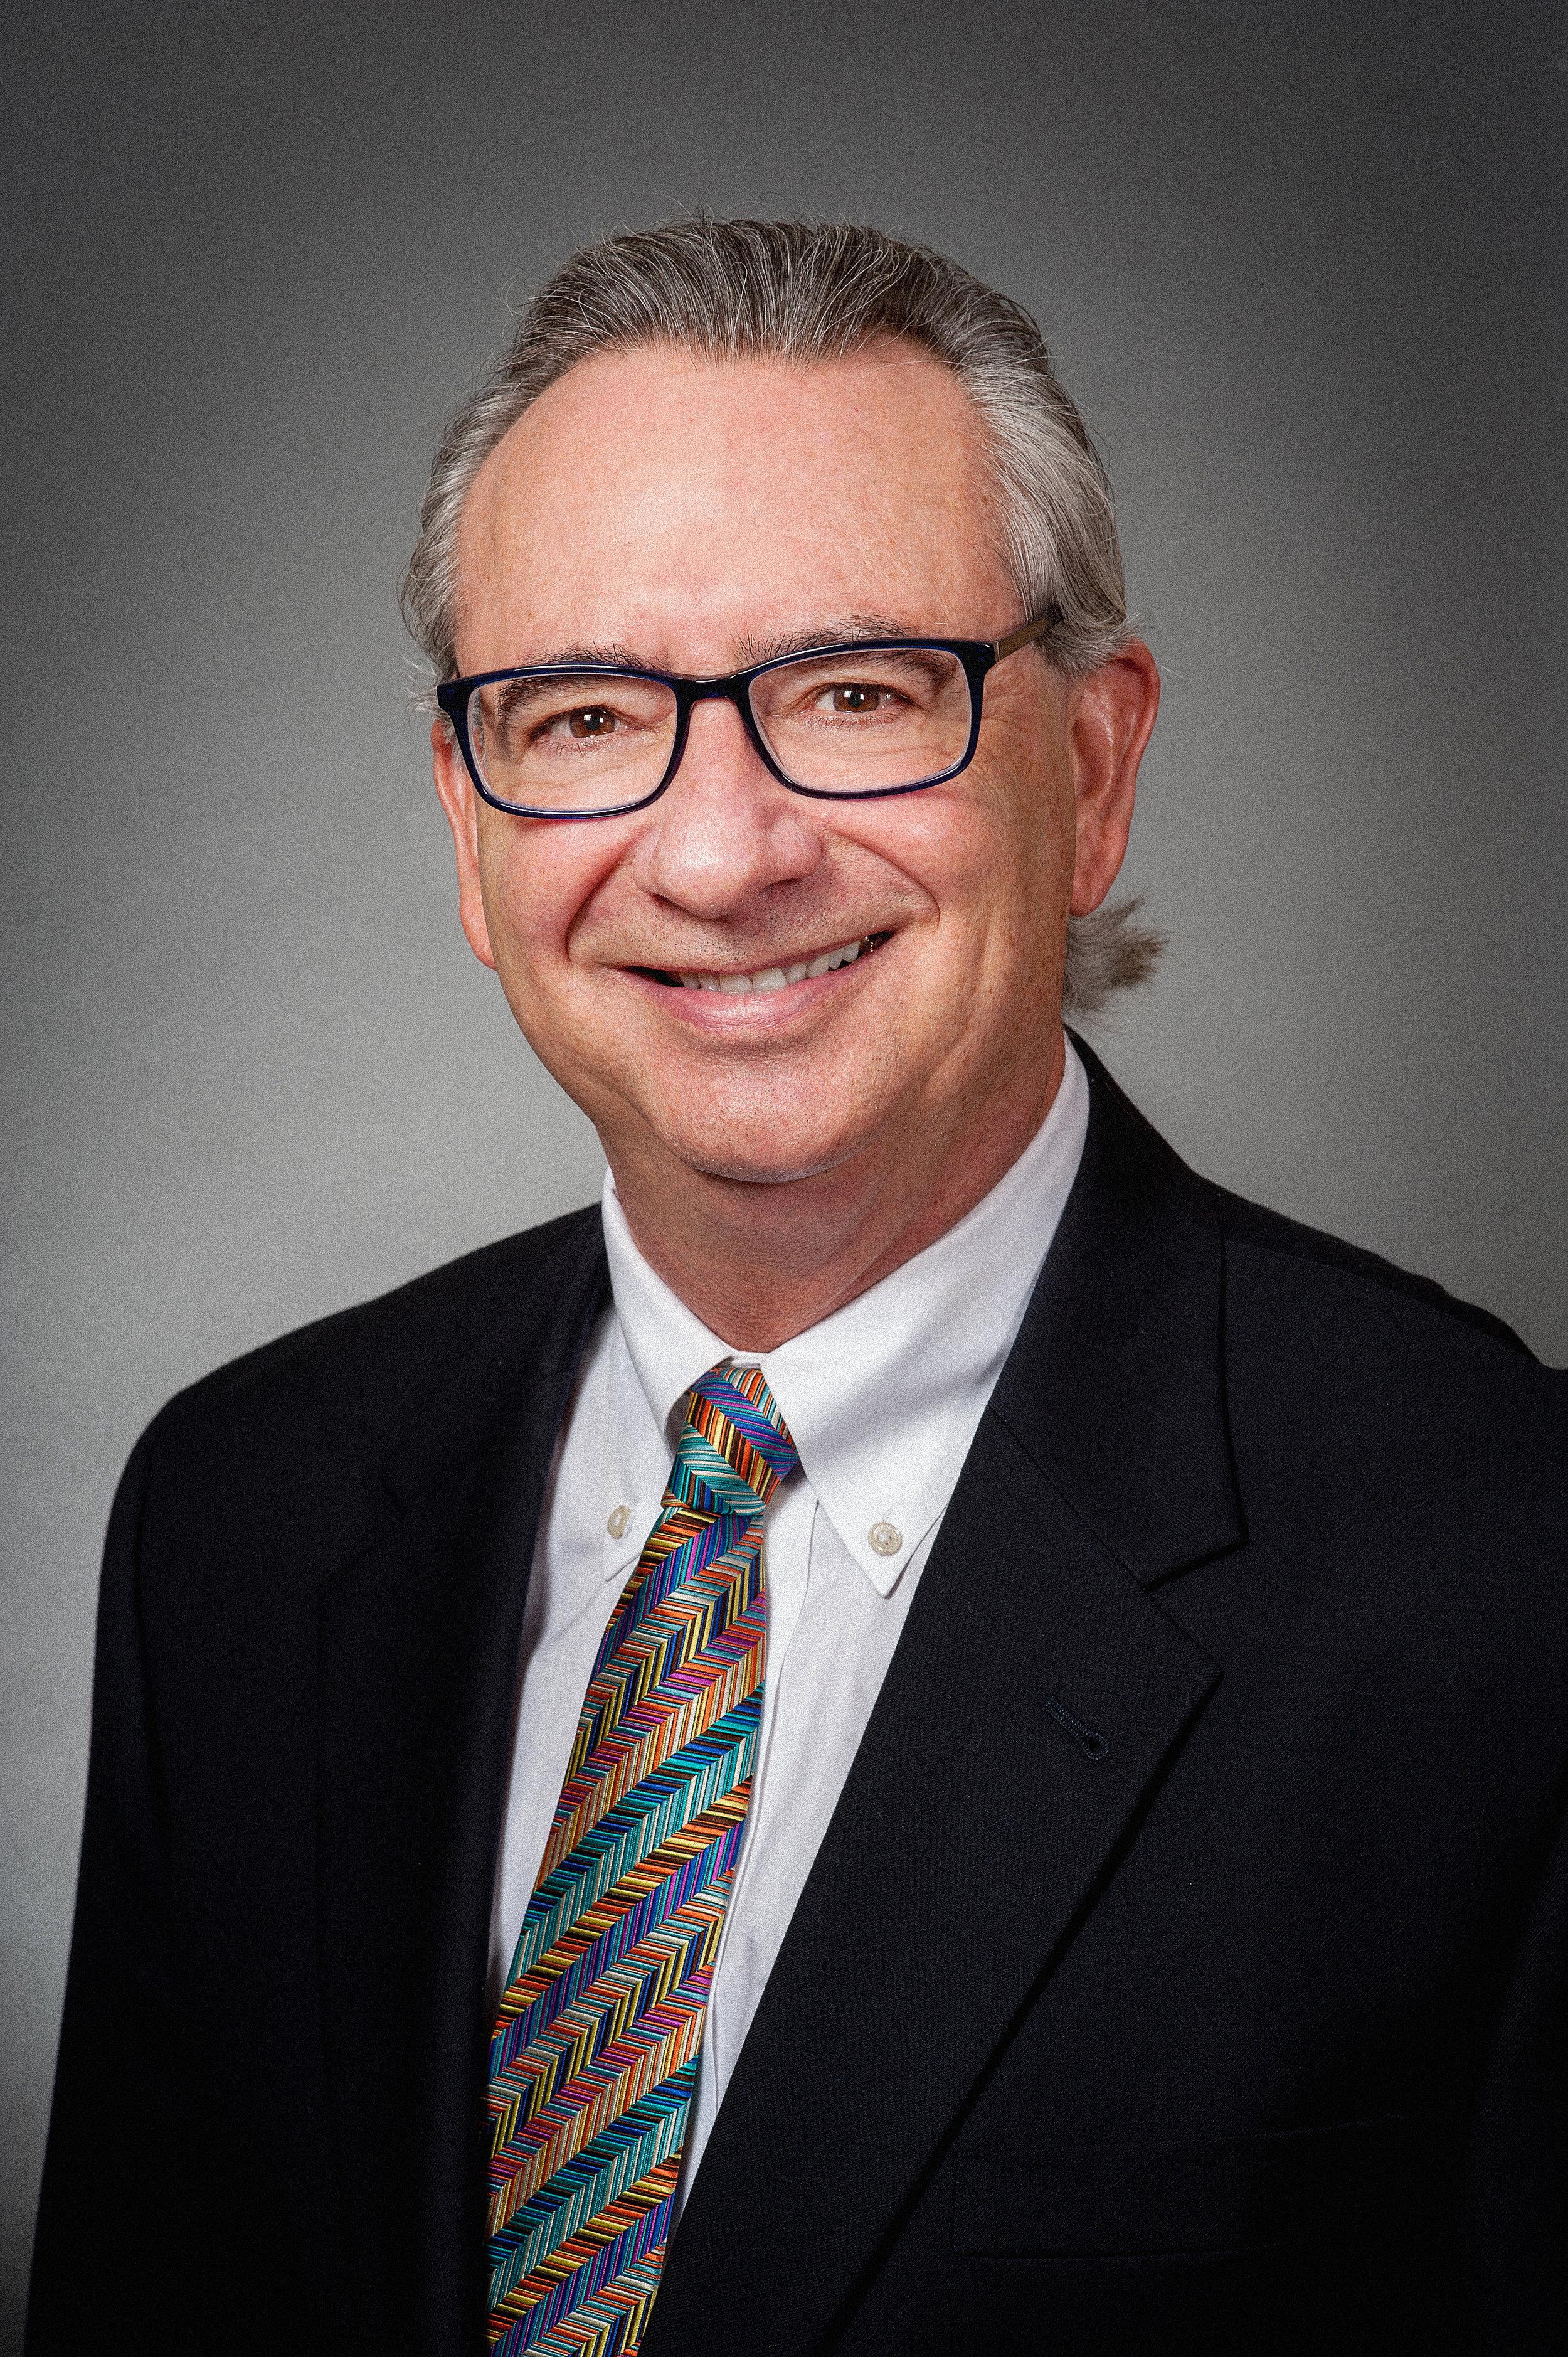 Jim LaHam, CPA - Senior Tax Partner